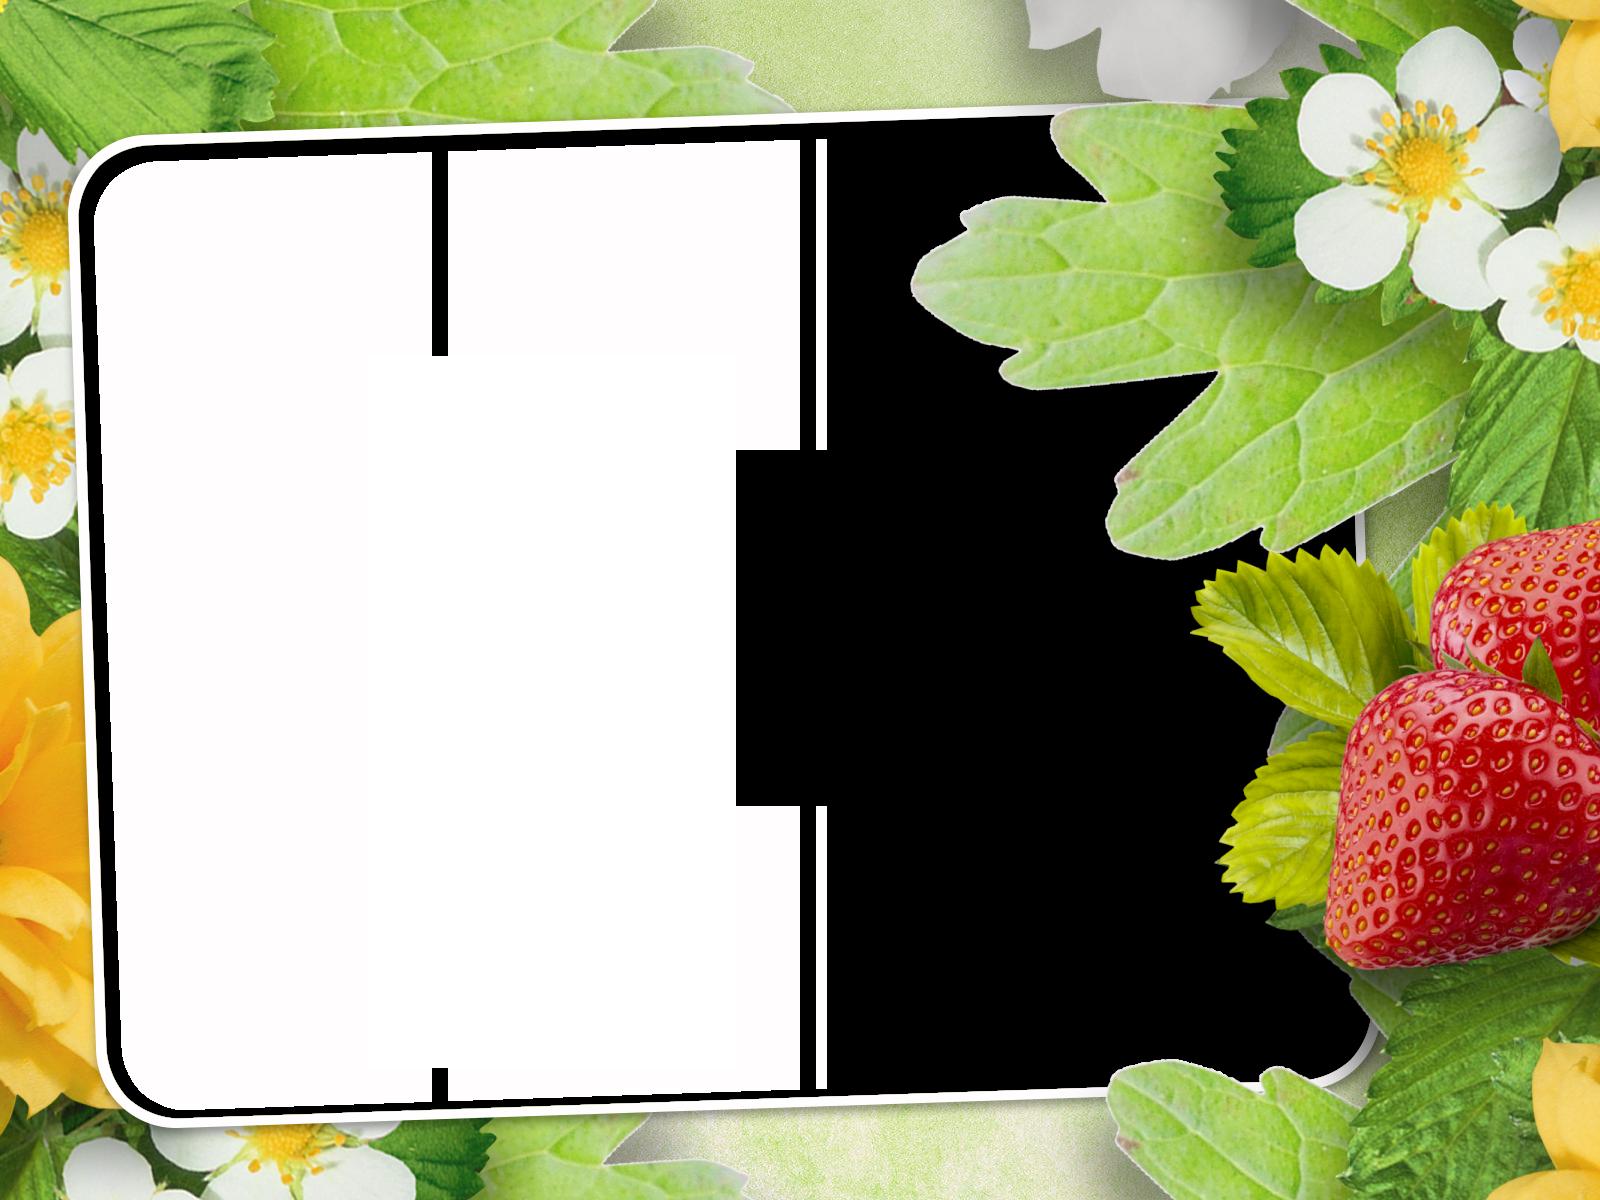 Фото рамка для детей ягодки